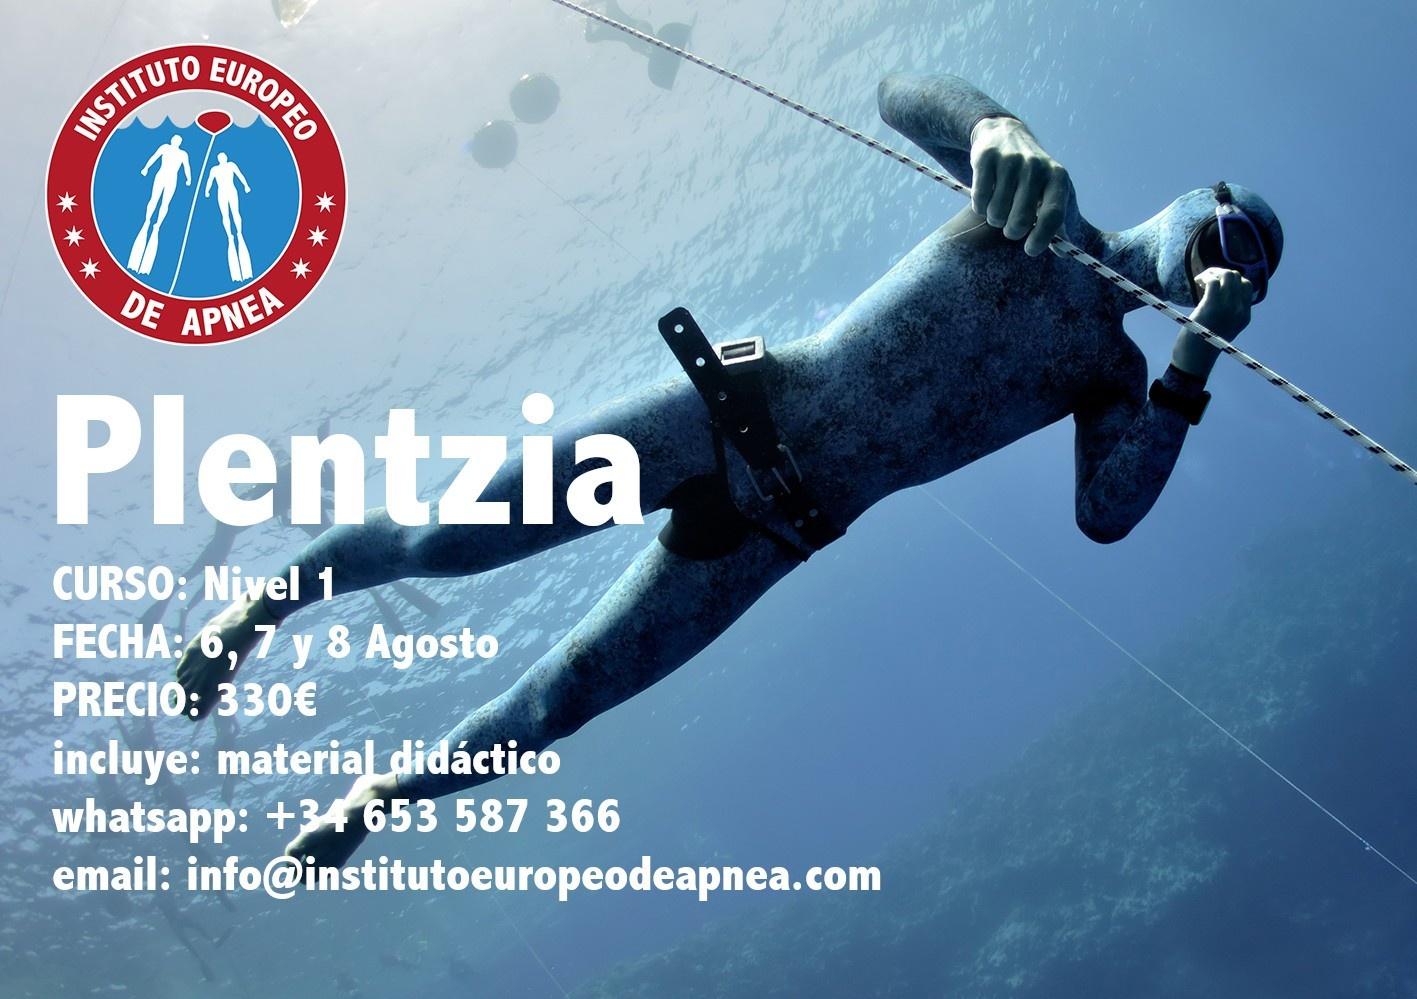 Curso de apnea en Vizcaya - Plentzia